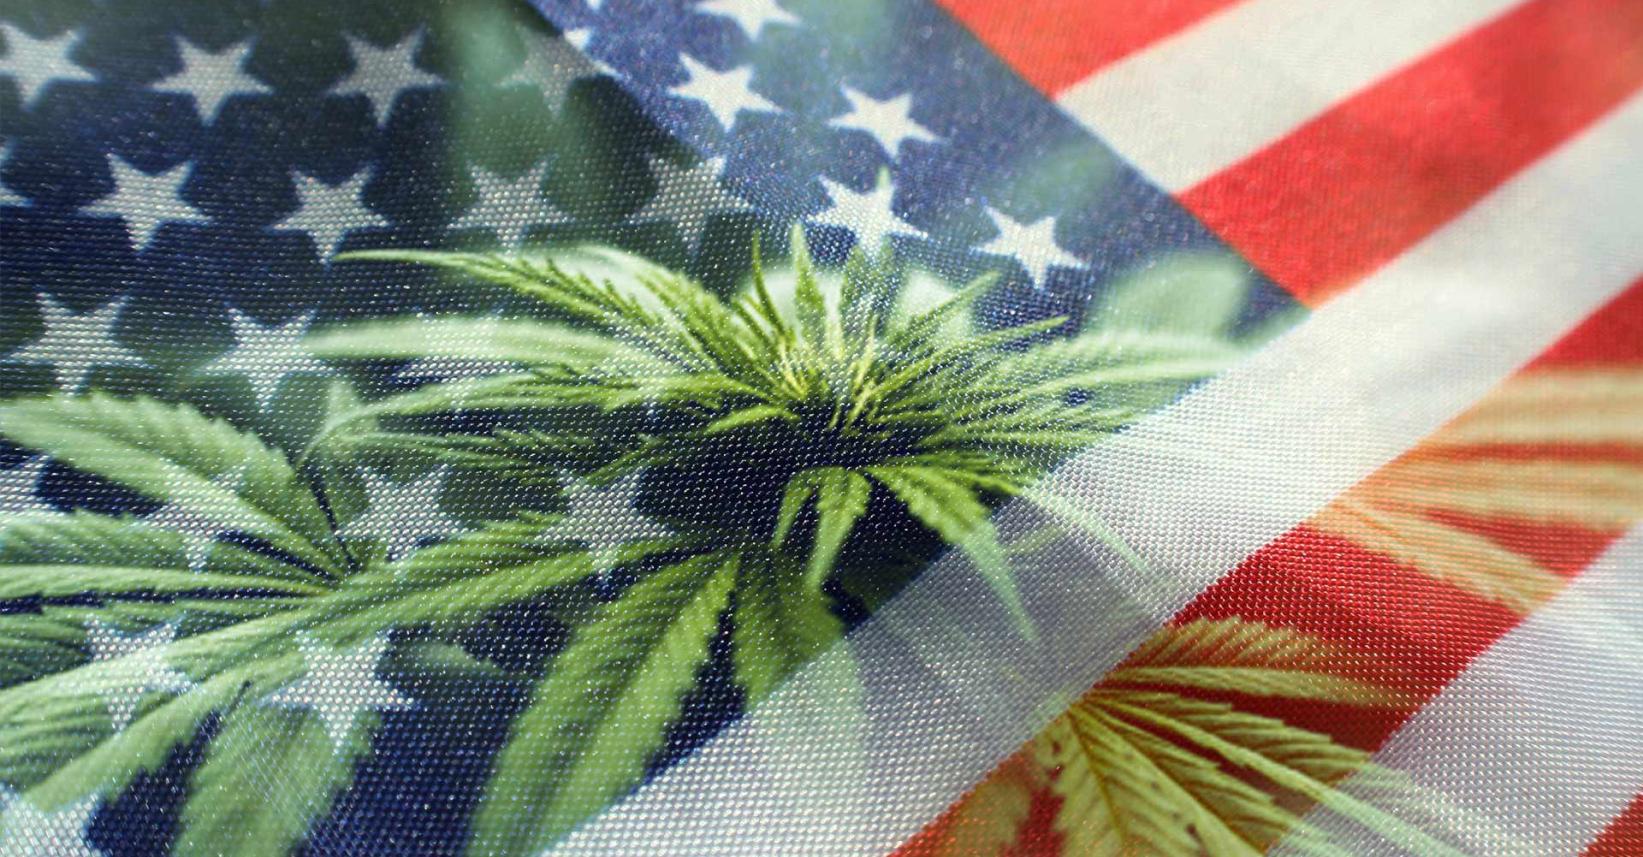 ミシガン州でついに合法的な嗜好用大麻の販売が開始!